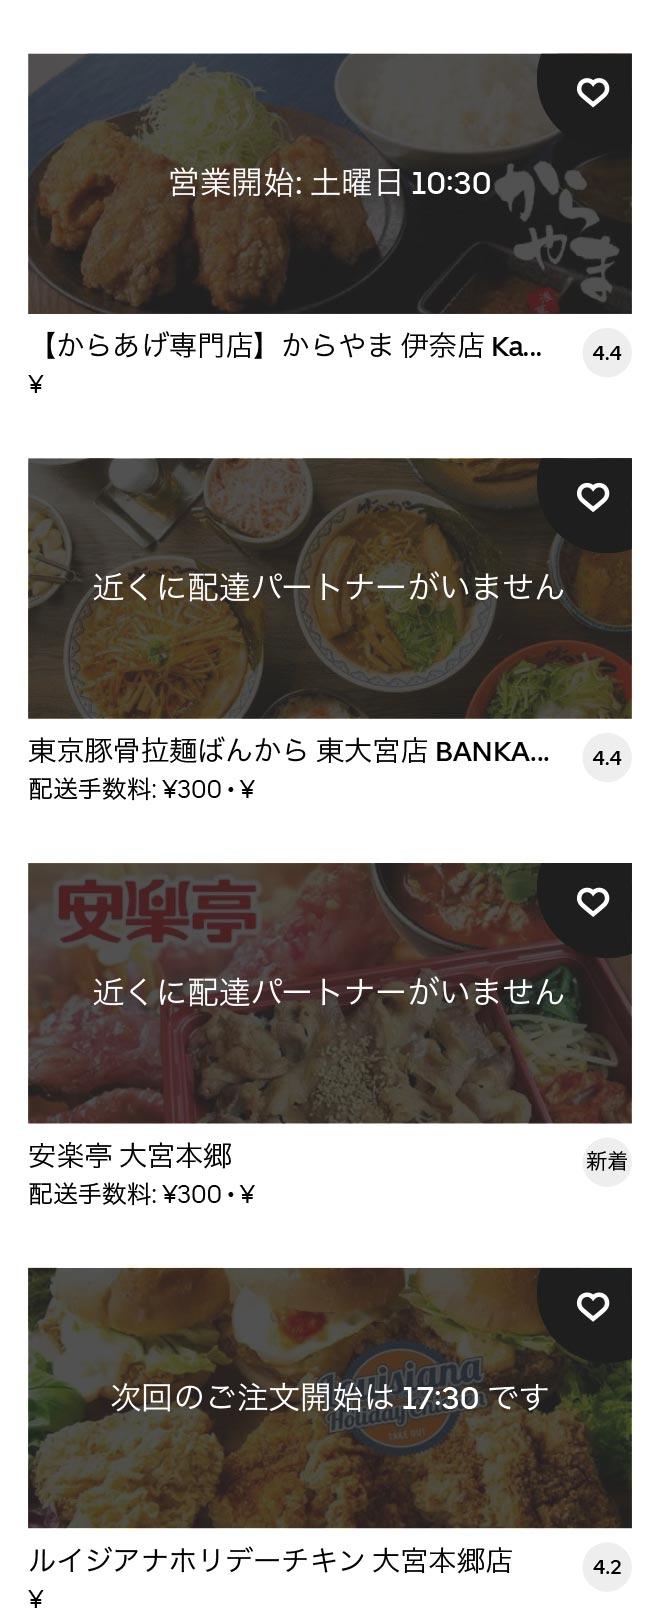 Haraichi menu 2012 07